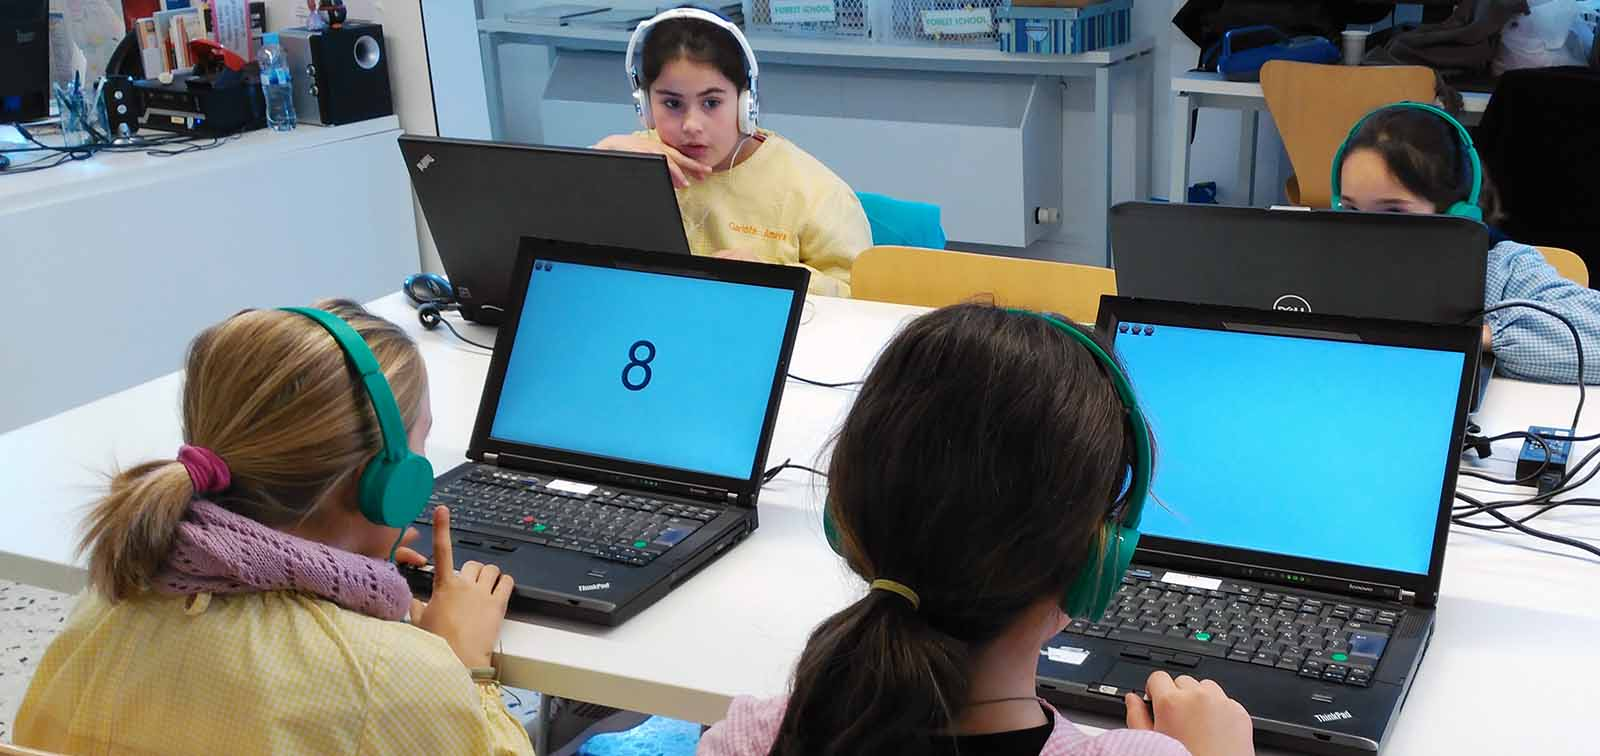 Participantes del proyecto Breathe realizando tests por ordenador. Foto: ISGlobal.